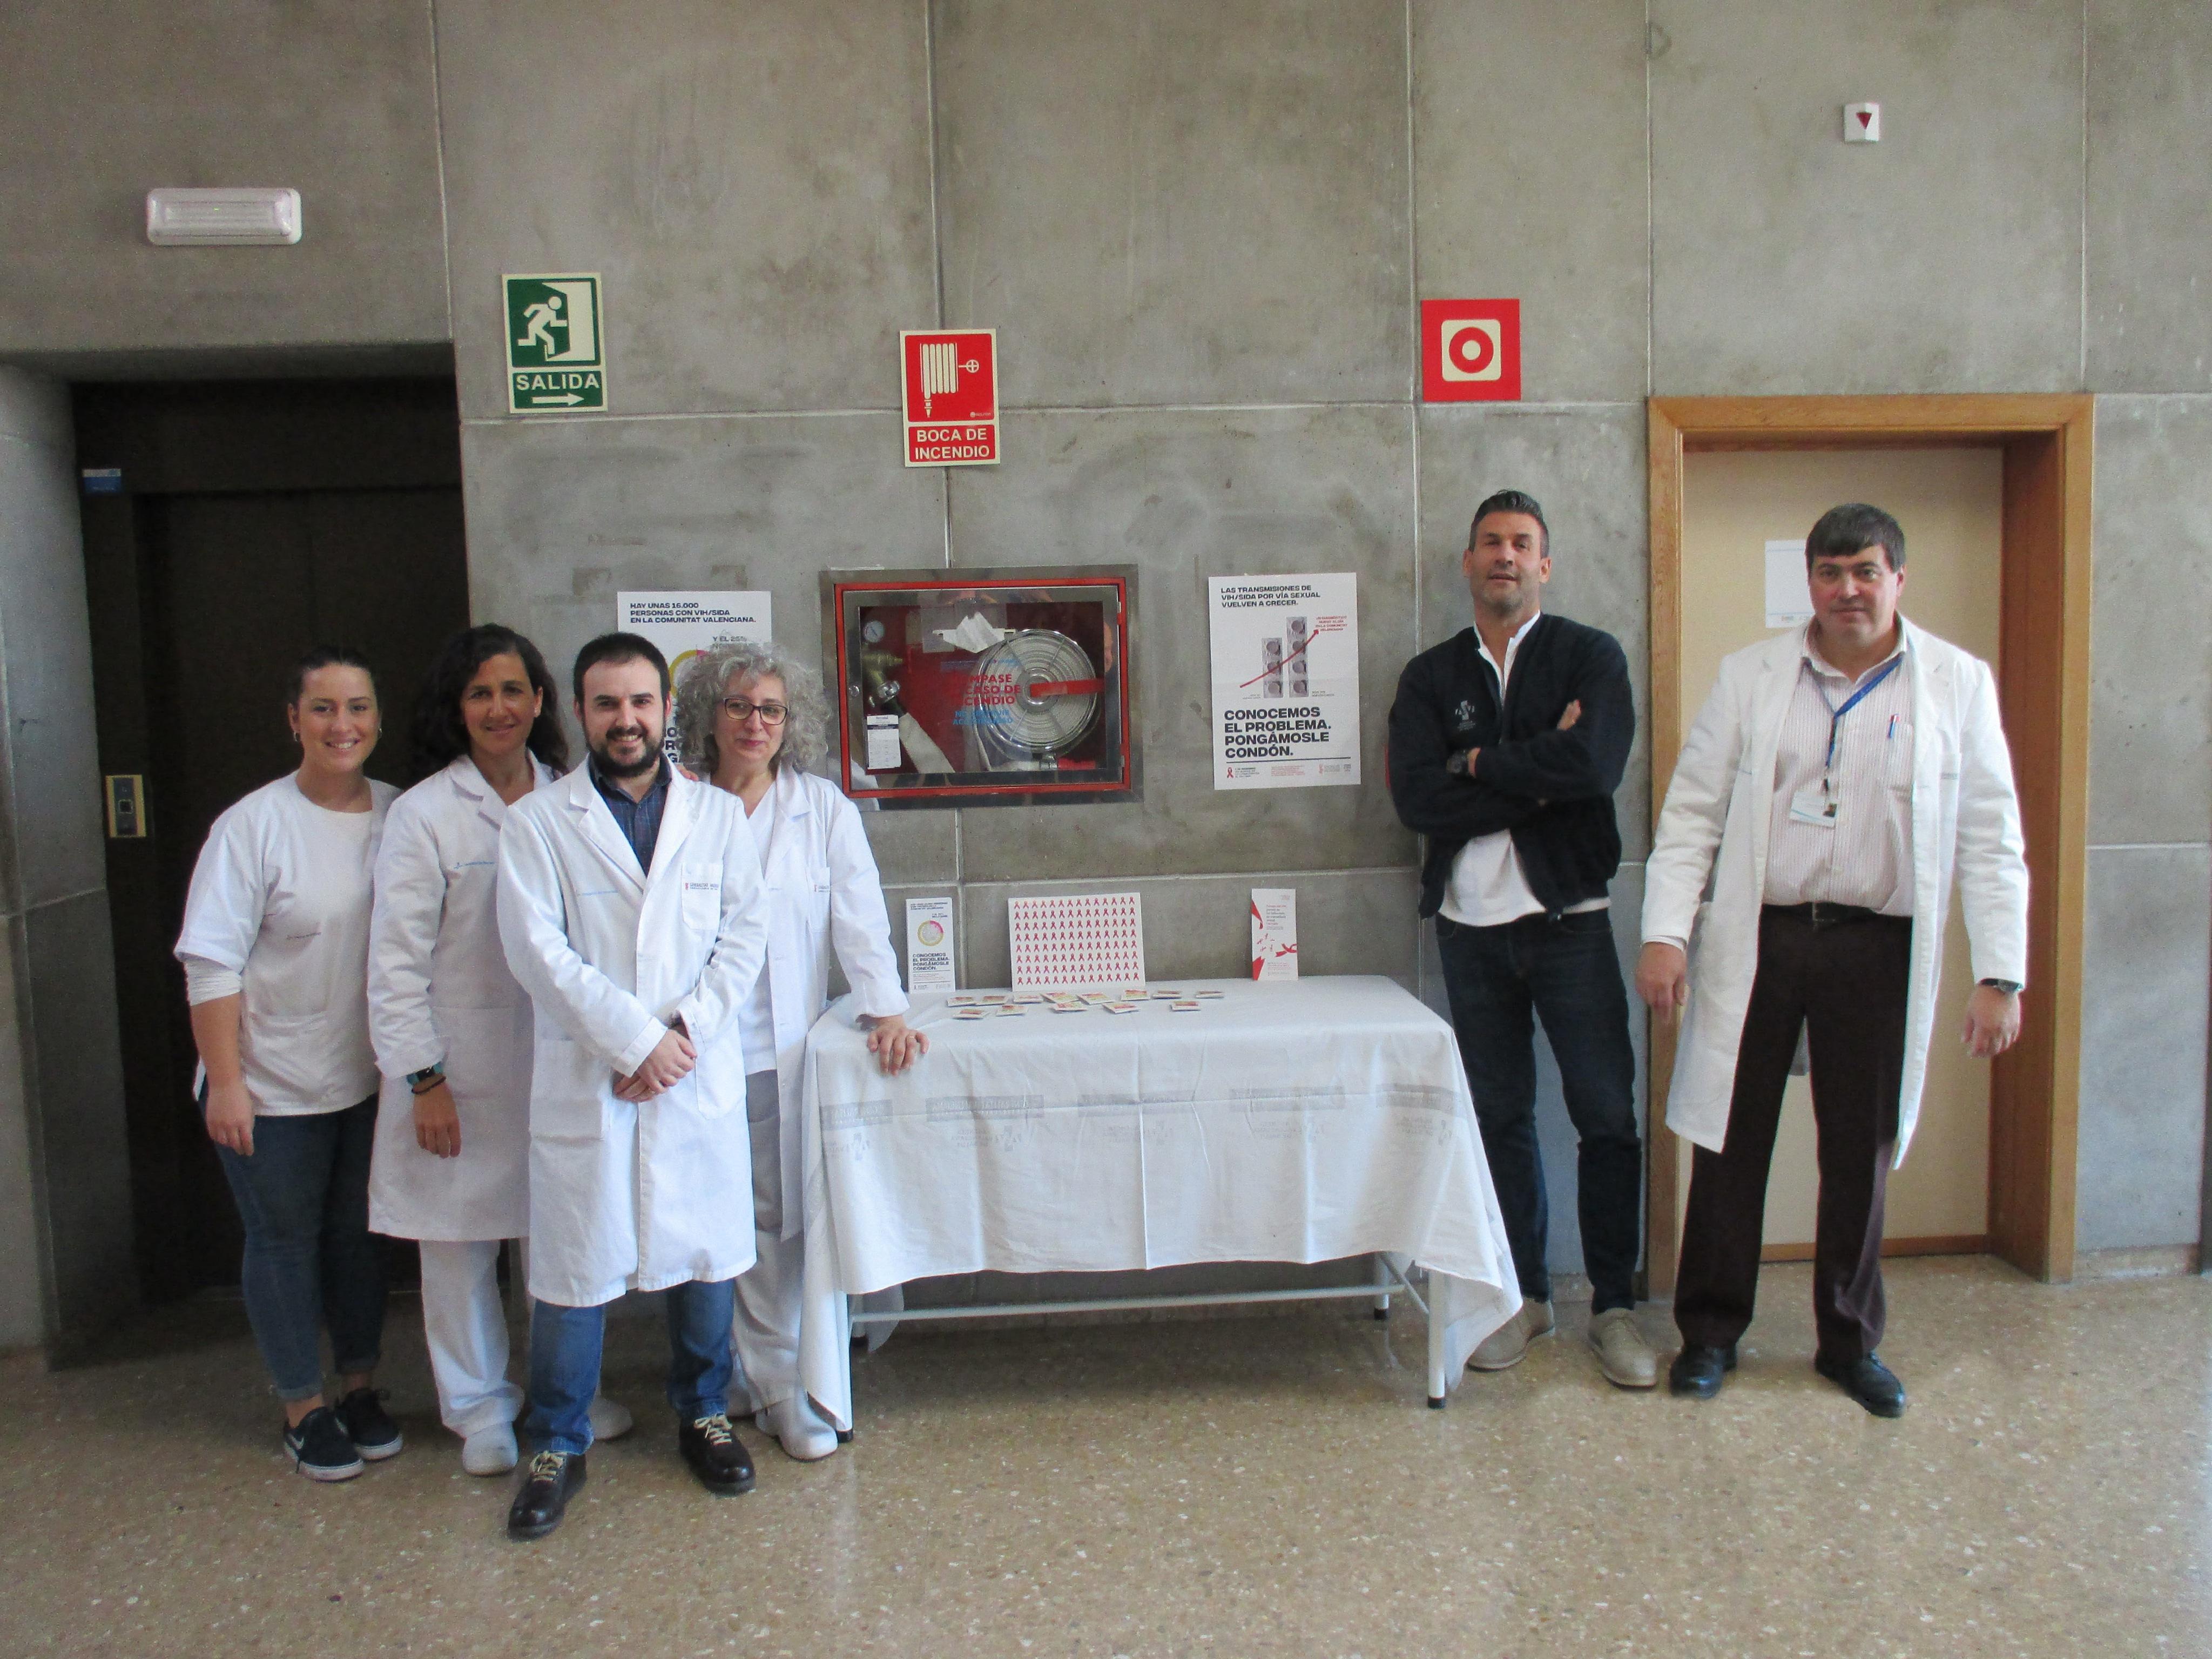 El Hospital de Manises acoge una mesa organizada por la Asociación Valenciana VHI, SIDA y Hepatitis (AVACOS-H) para informar sobre el SIDA.